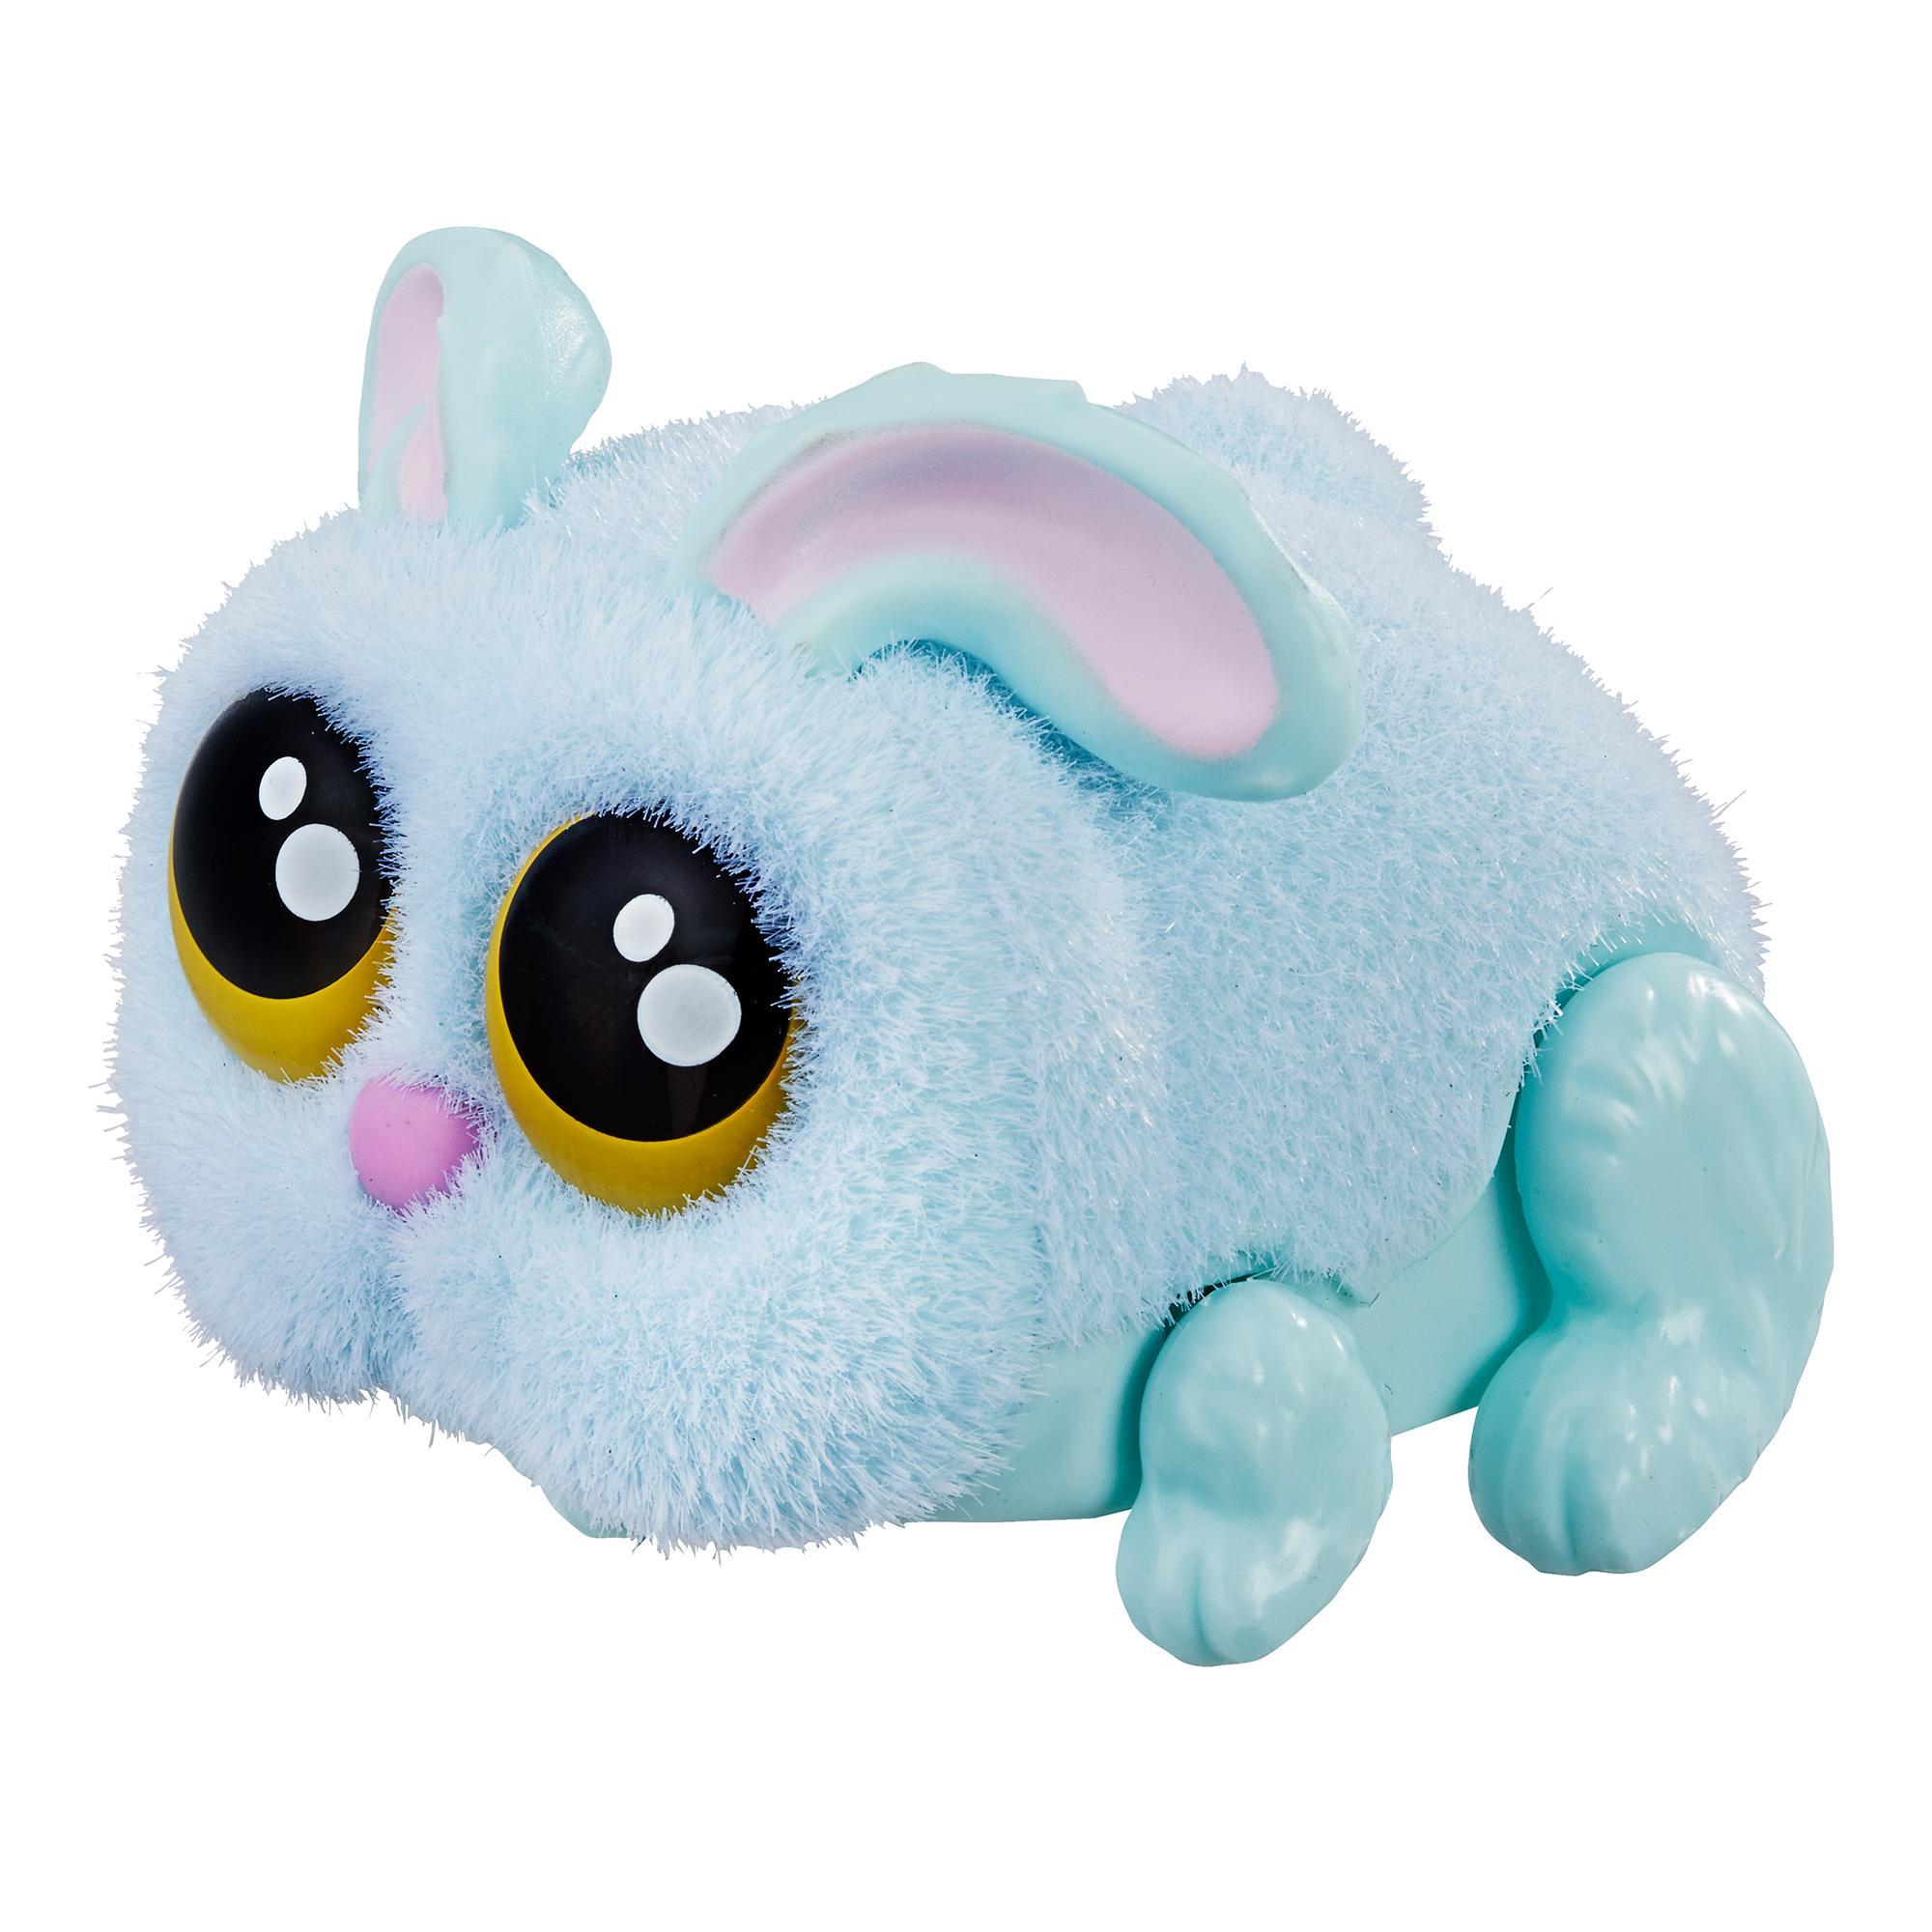 กระต่ายของเล่นทำงานตามคำสั่งเสียงชื่อเซอร์บันนิงตันจากเยลลี่ส์! สำหรับเด็กอายุตั้งแต่ 5 ปีขึ้นไป